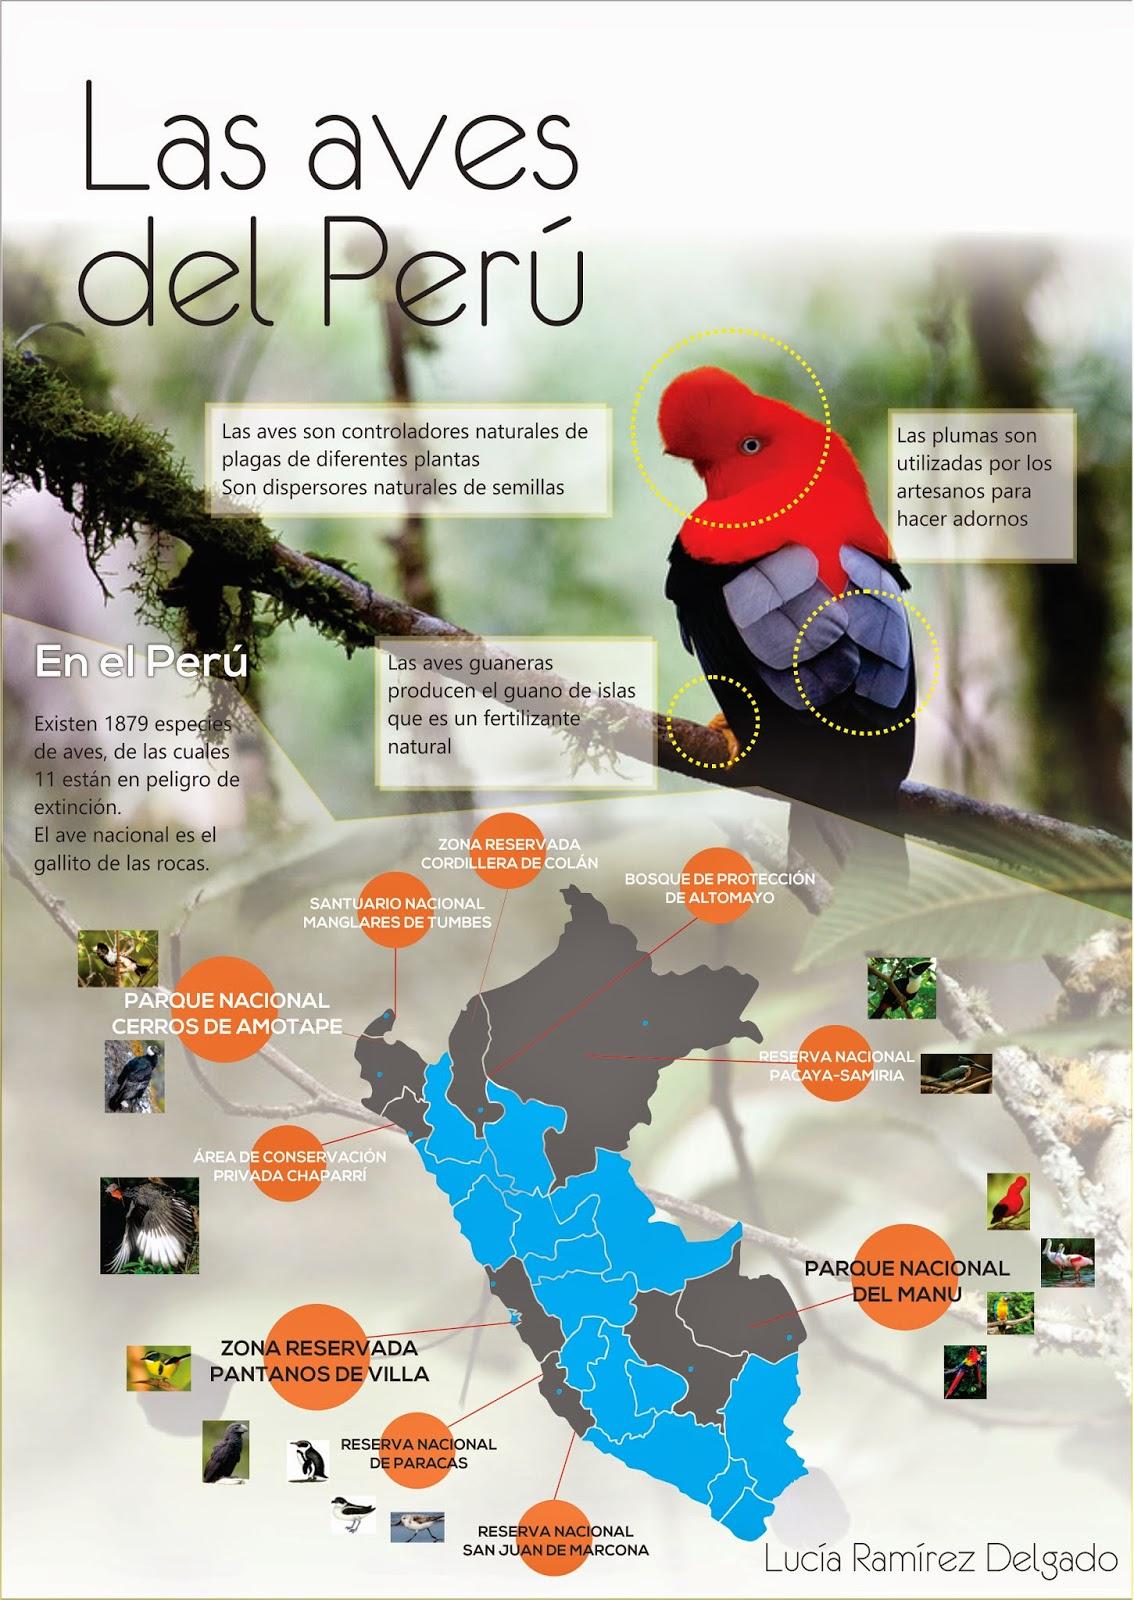 2 Ramirez Delgado Aves del Perú 1 (1)